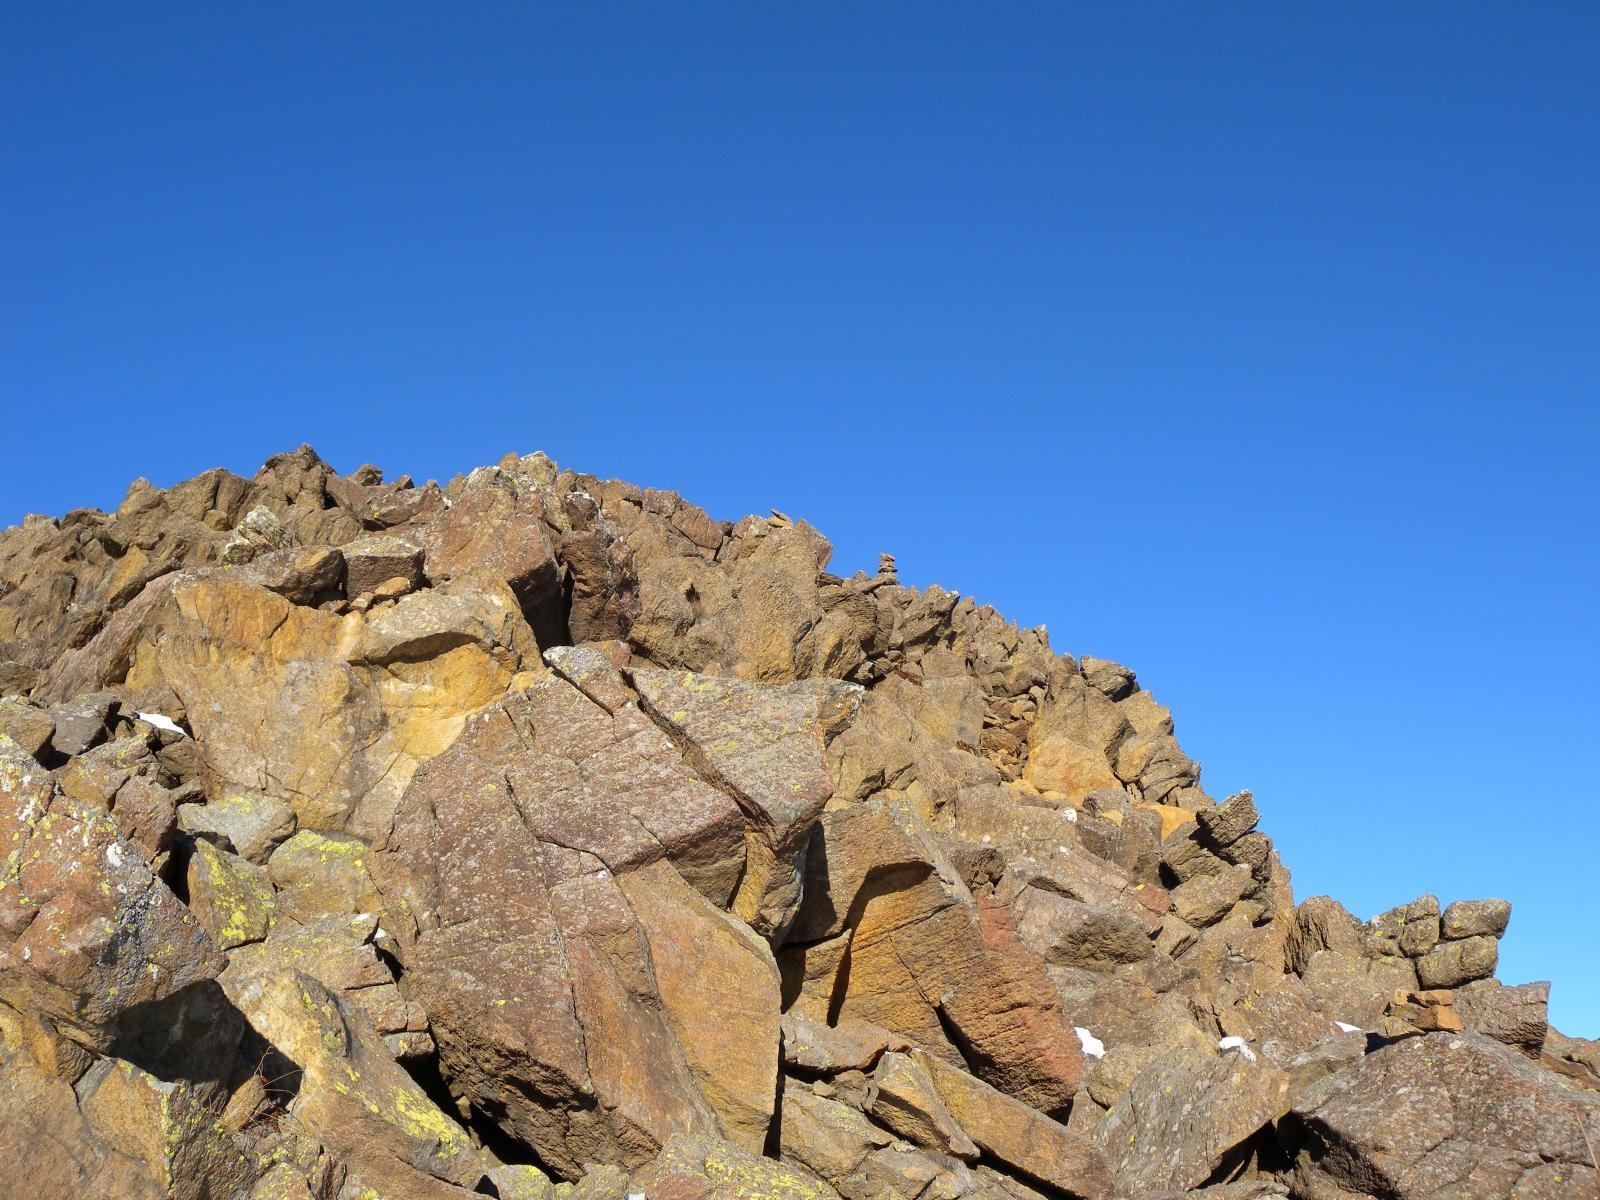 roccette per raggiungere la cresta